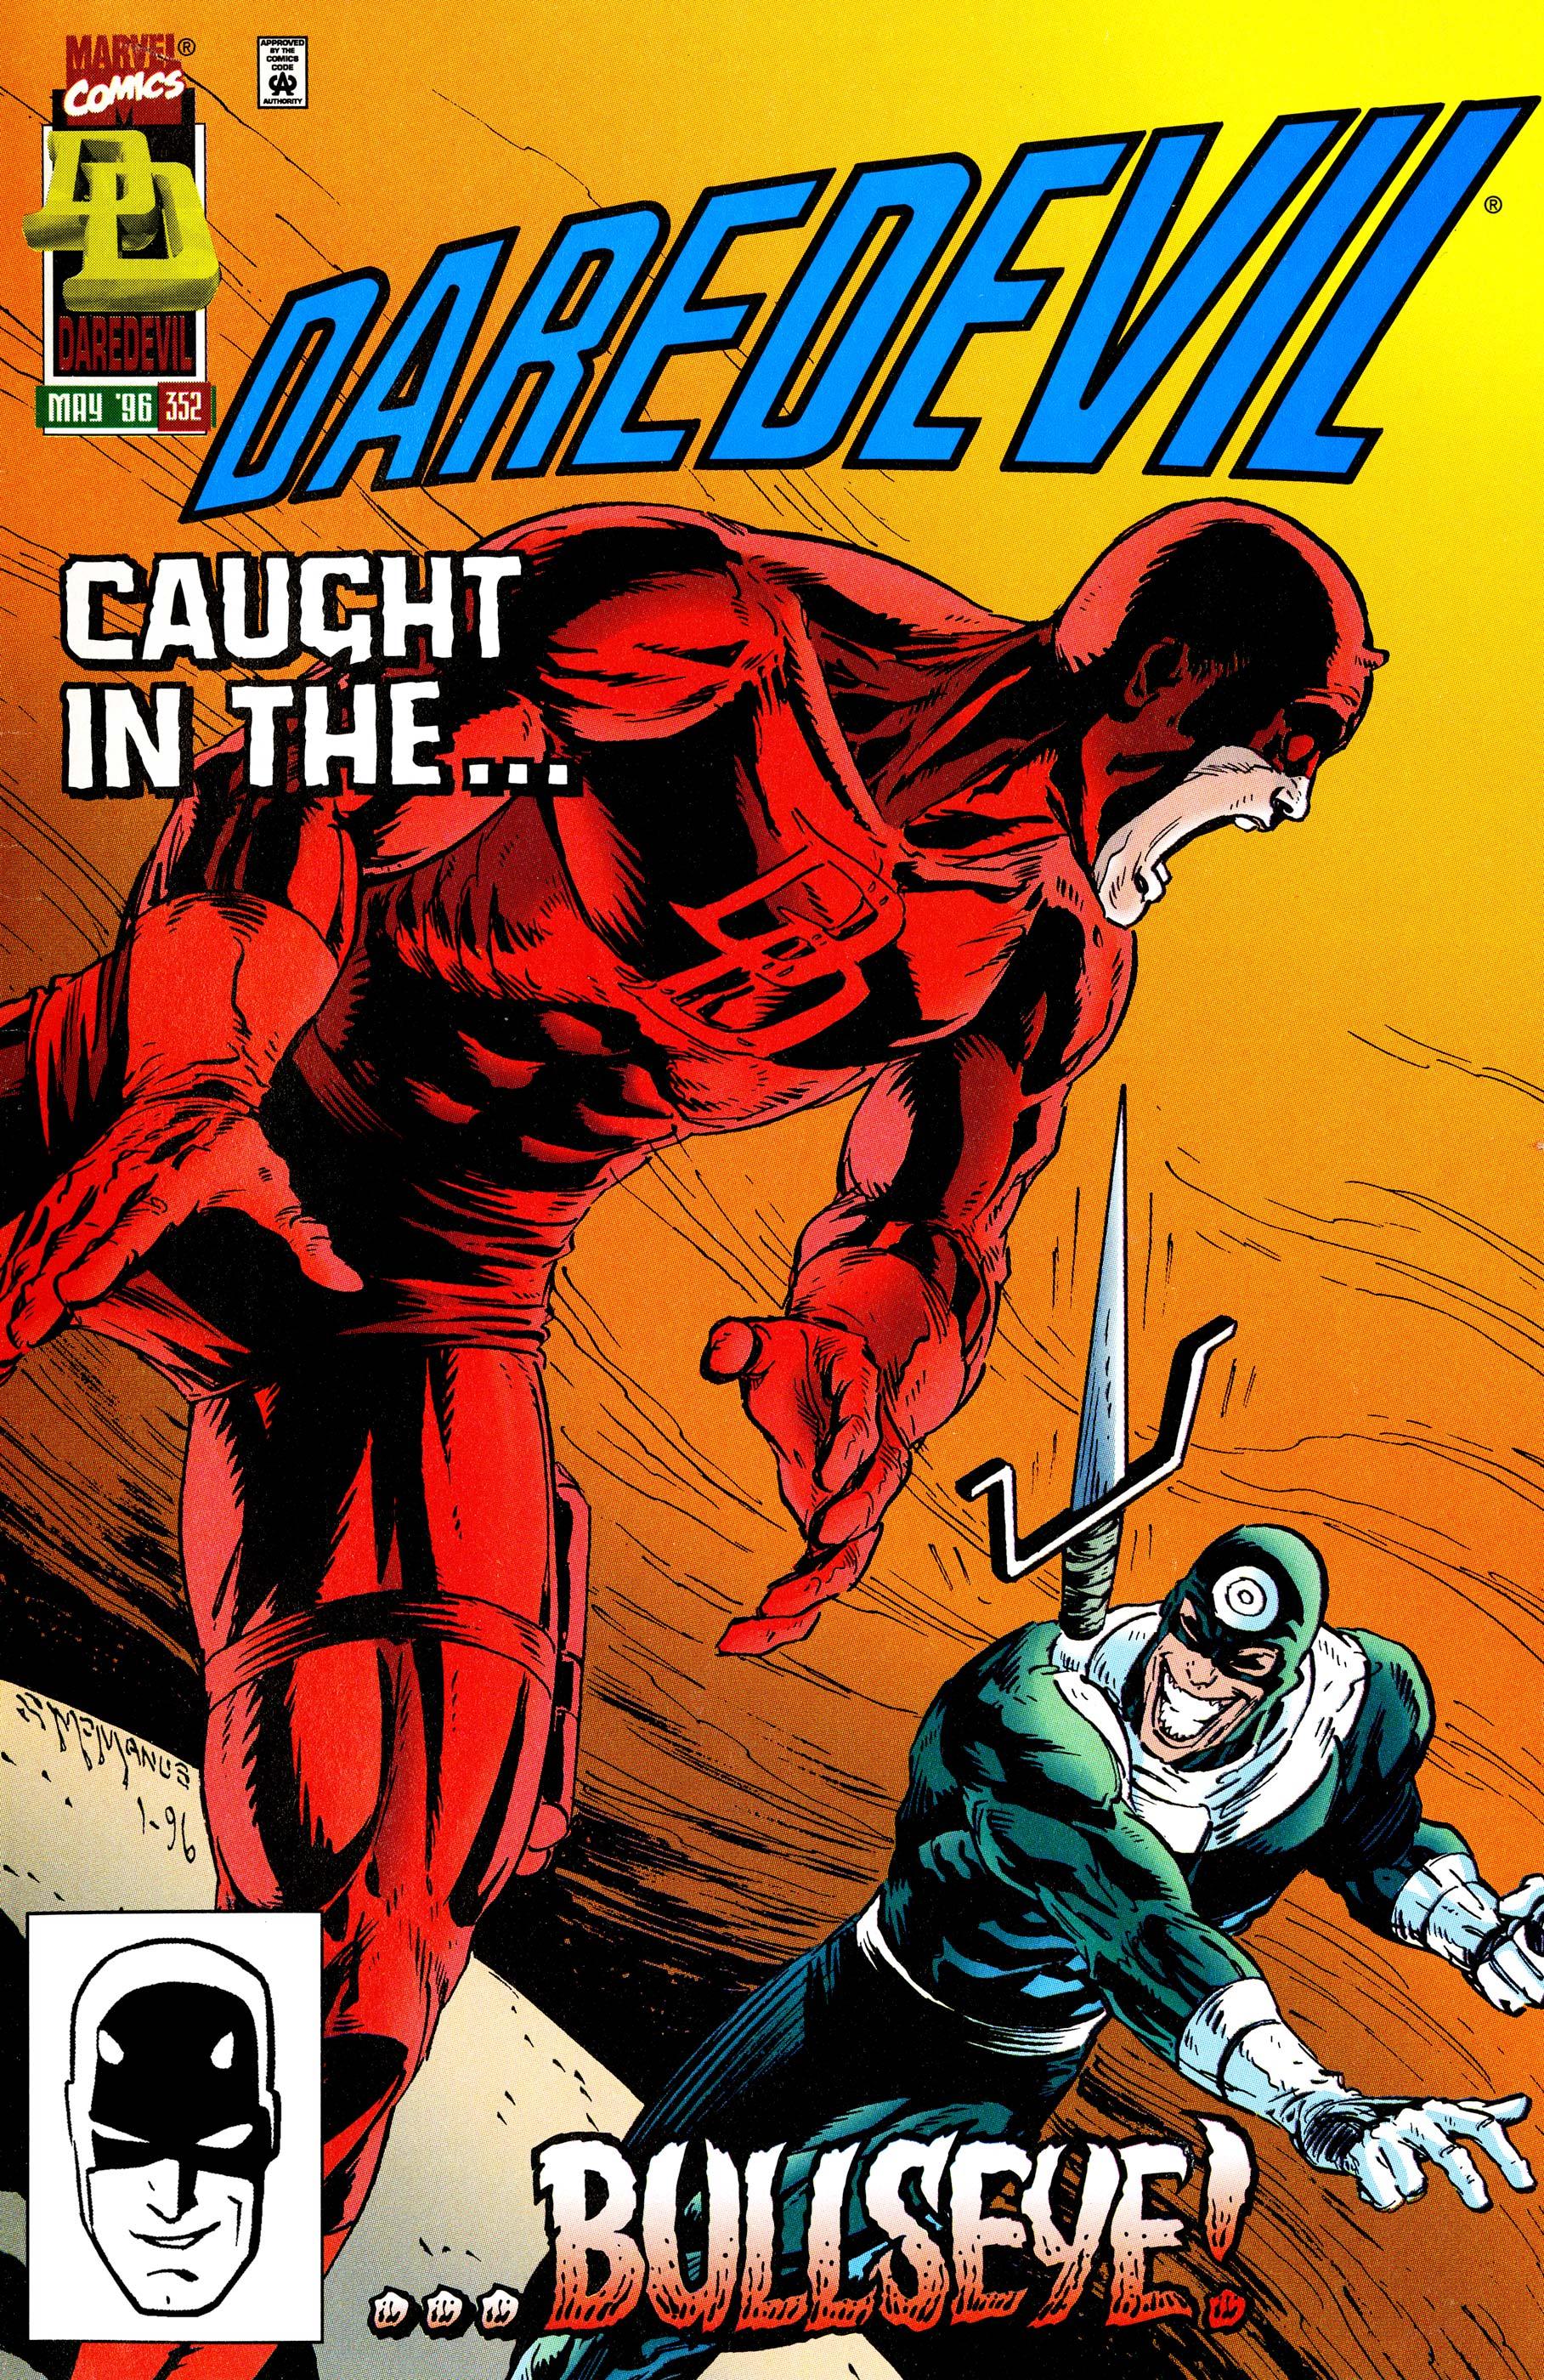 Daredevil (1964) #352